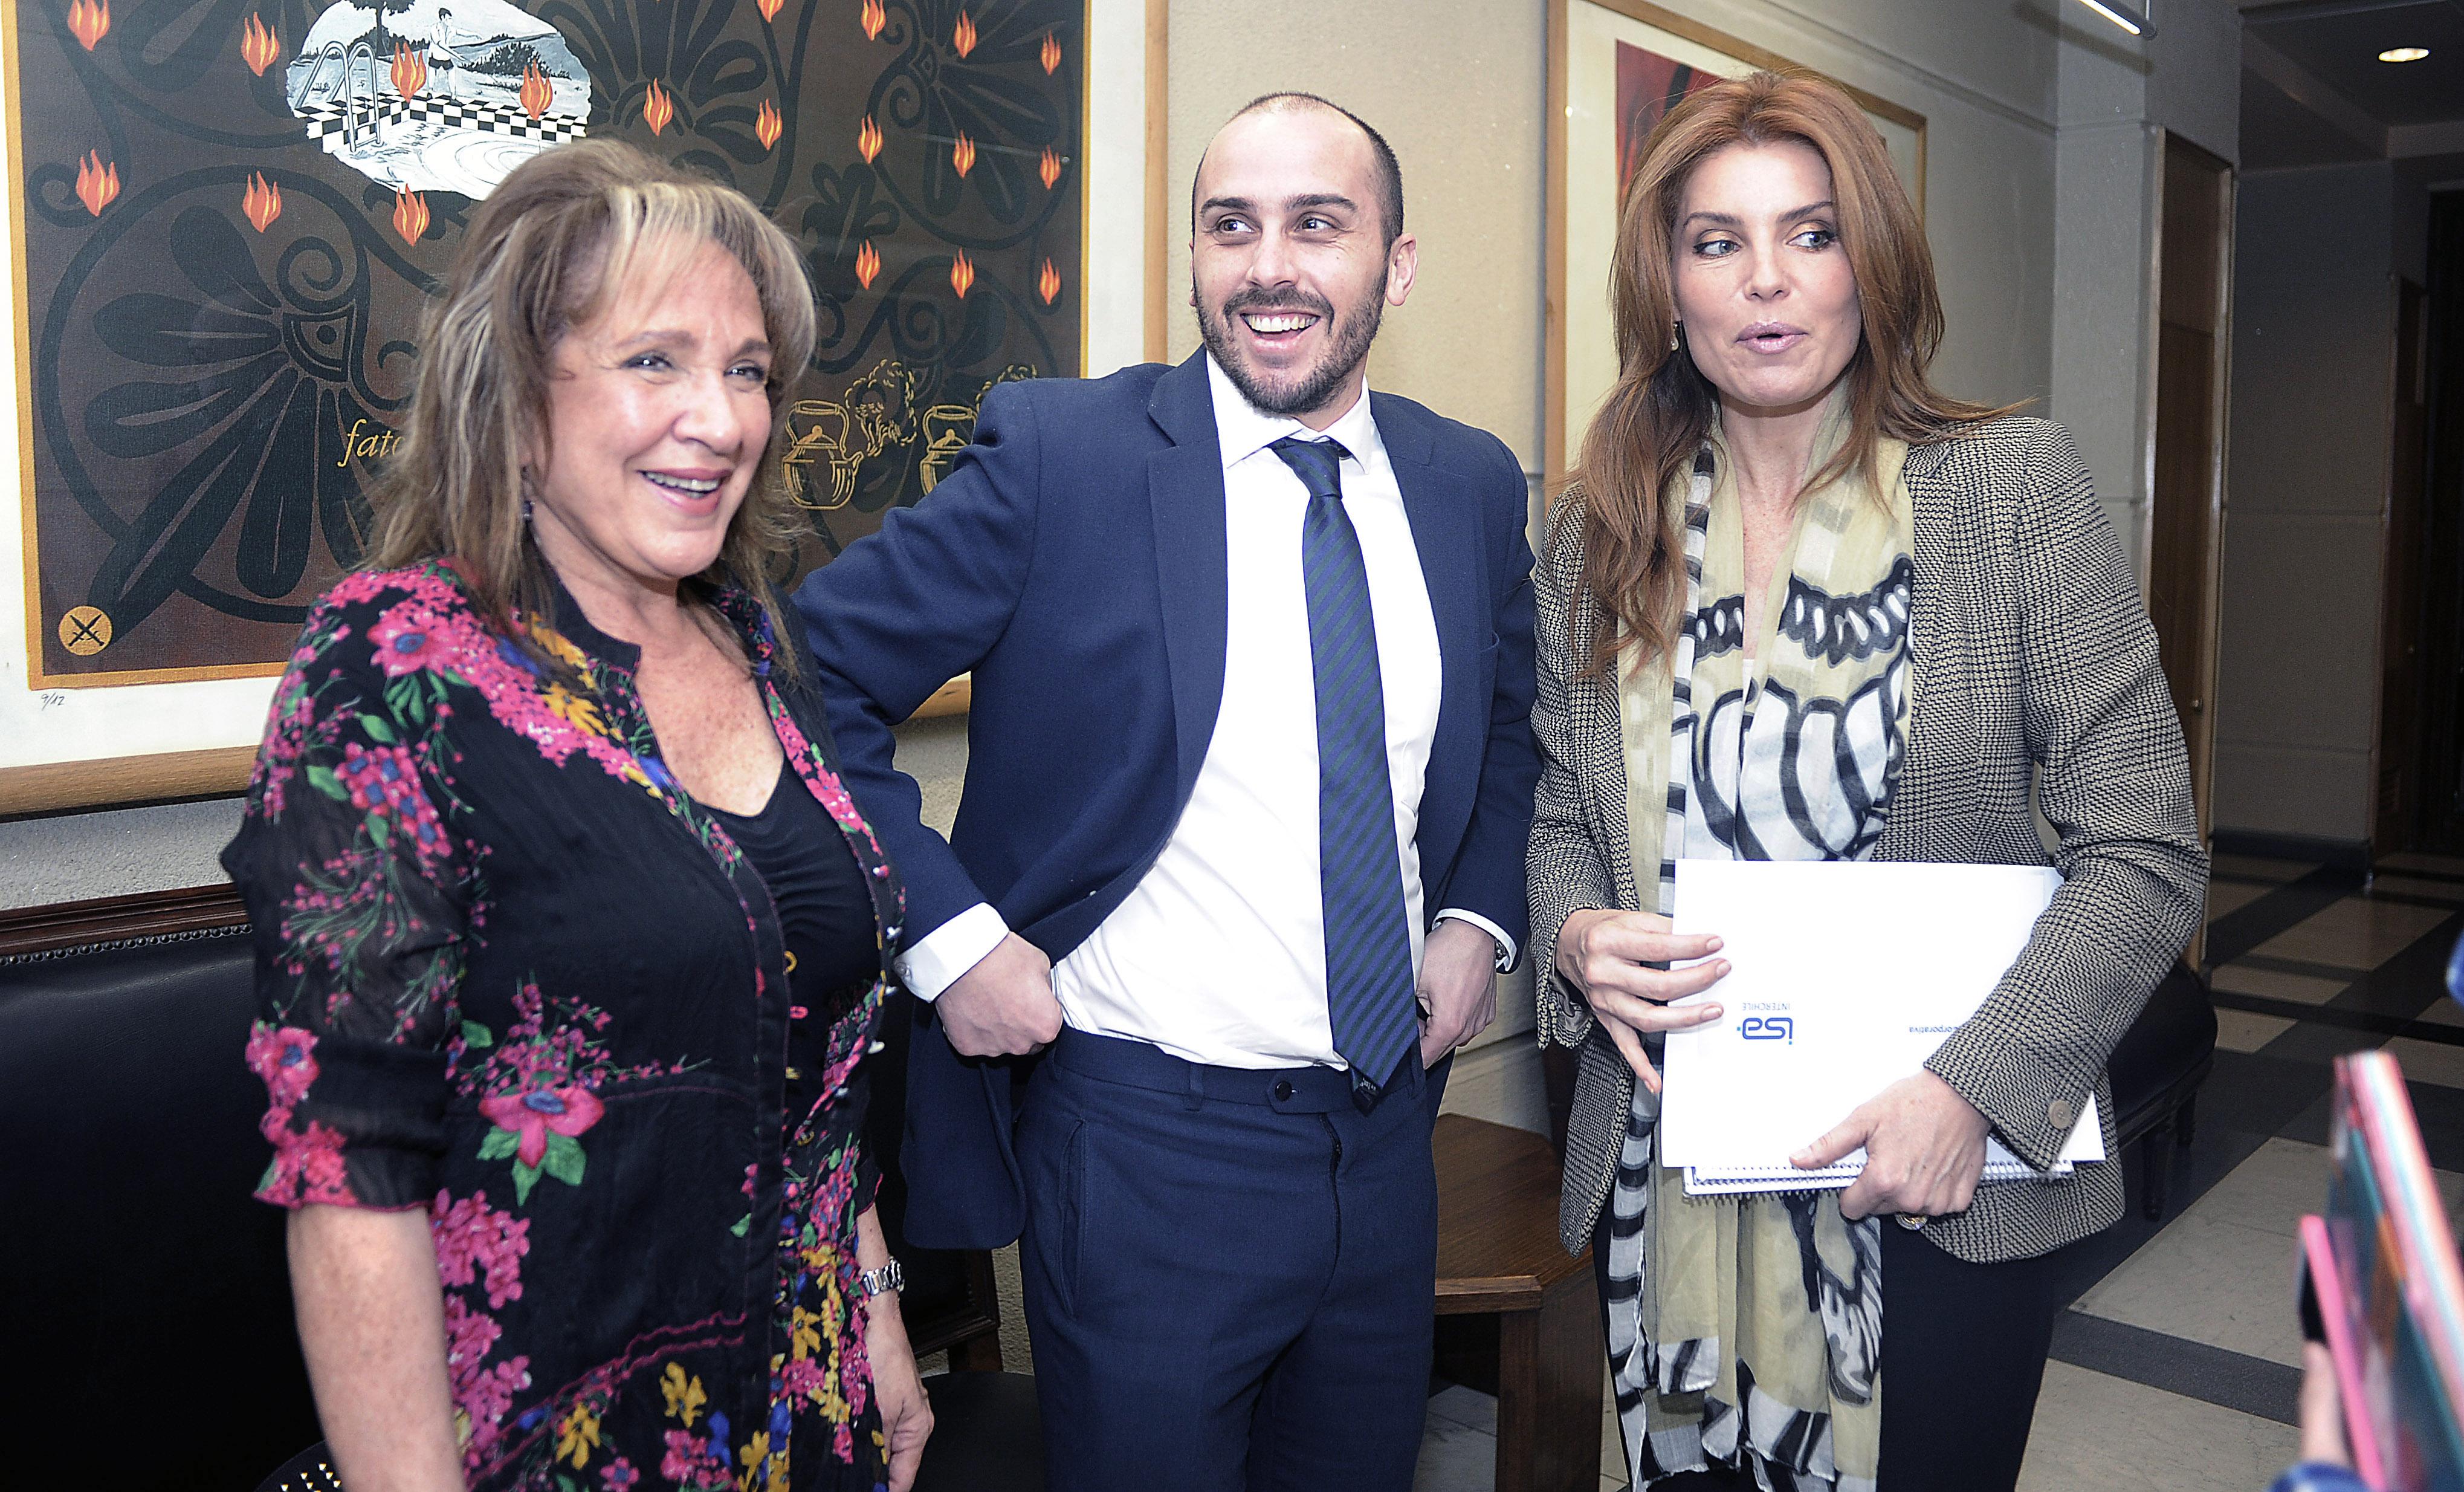 De la TV al Congreso: ex chico reality de Canal 13 buscará ser diputado por RN